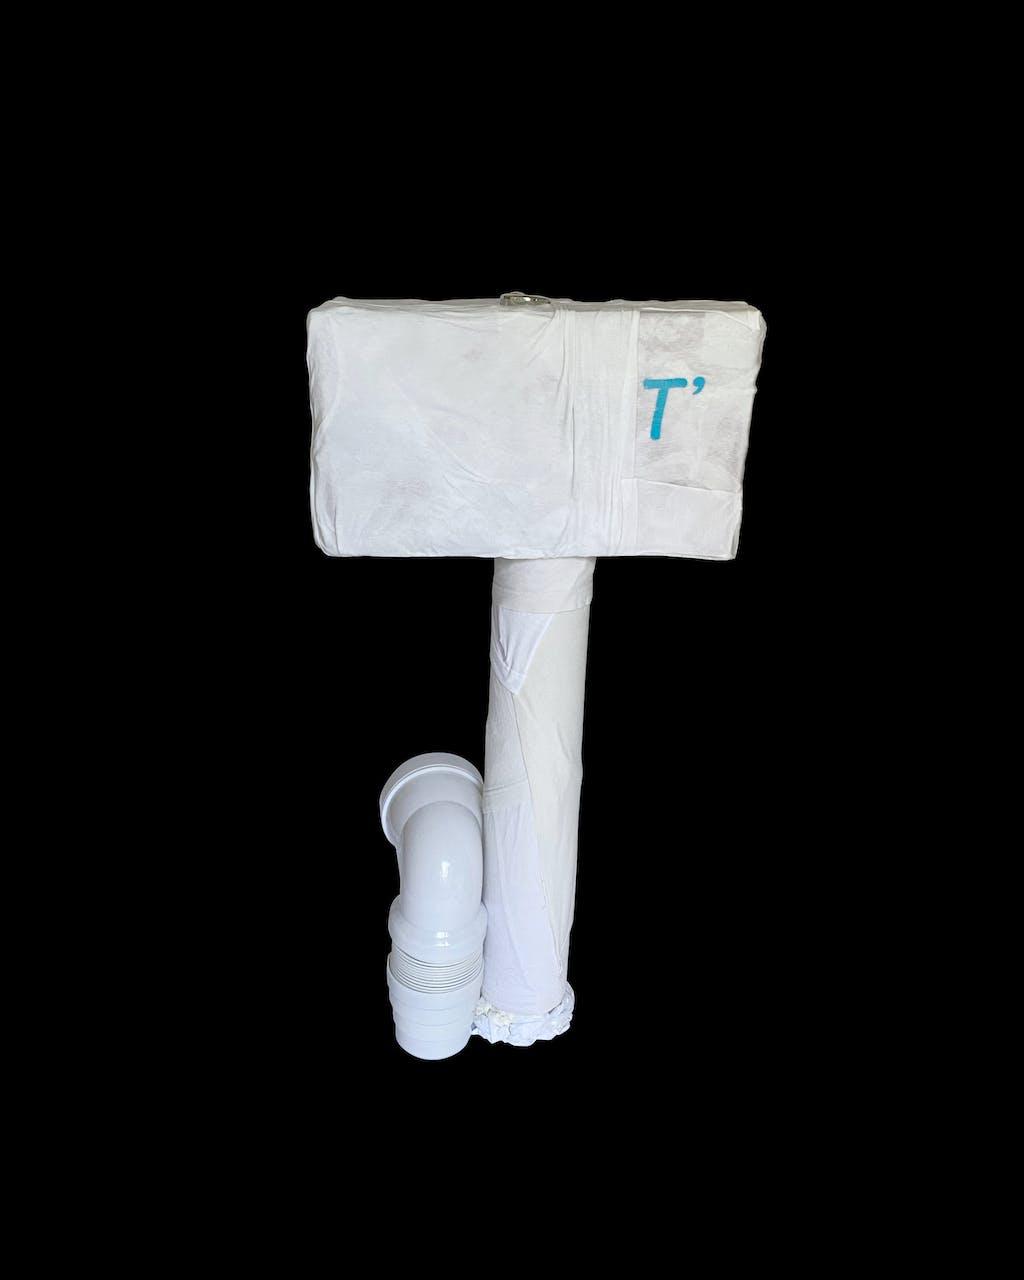 The Toilet Man - © Paris Internationale